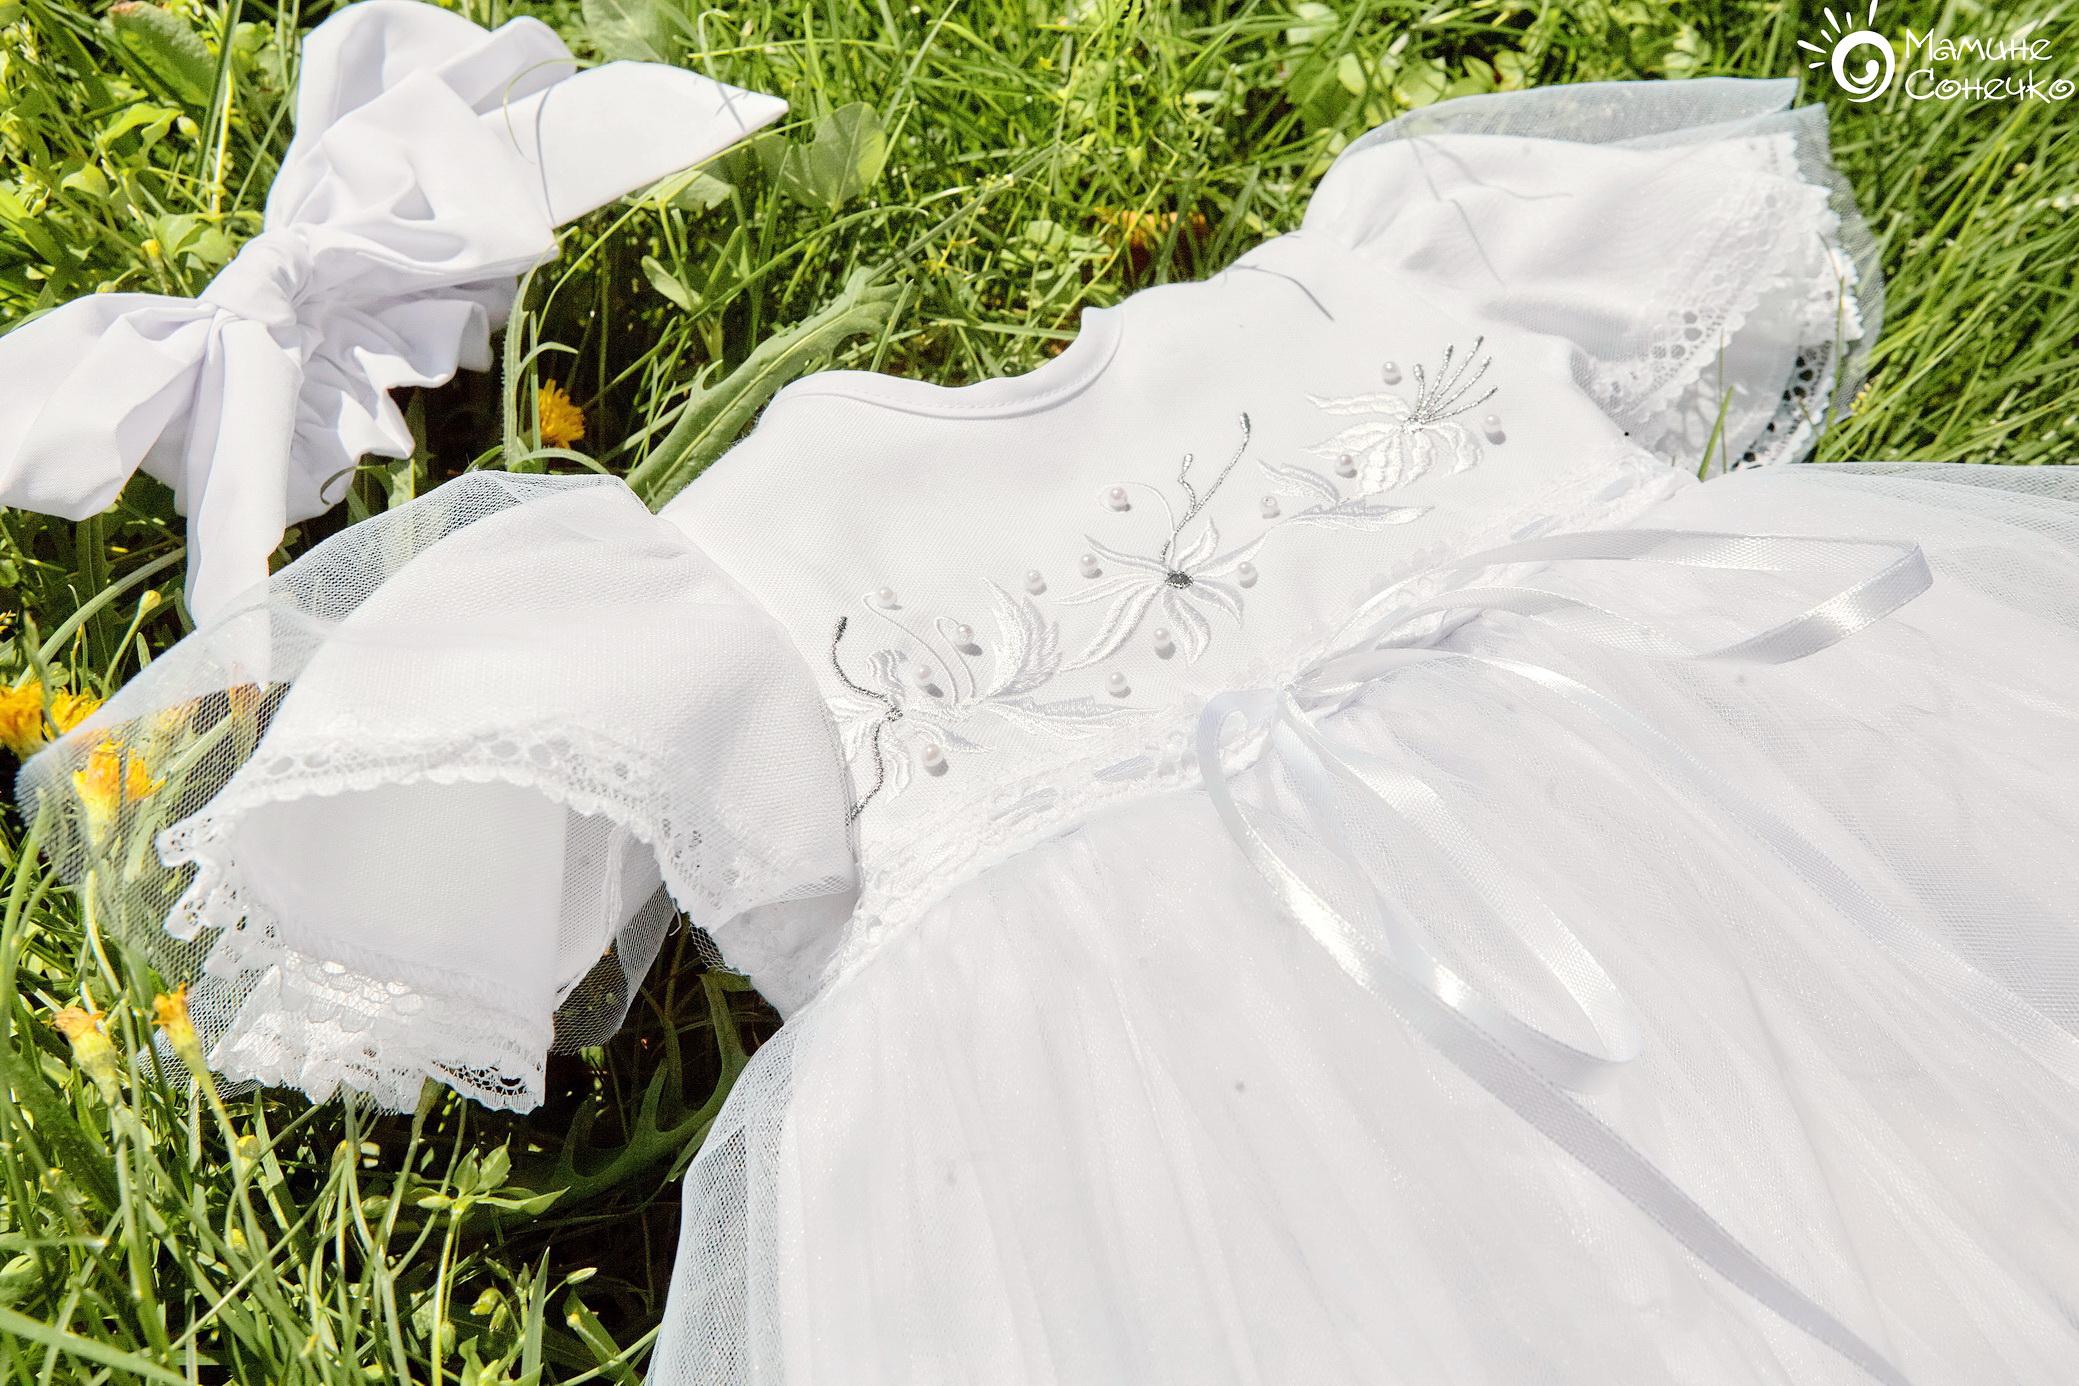 bili-lilii-suknia-3